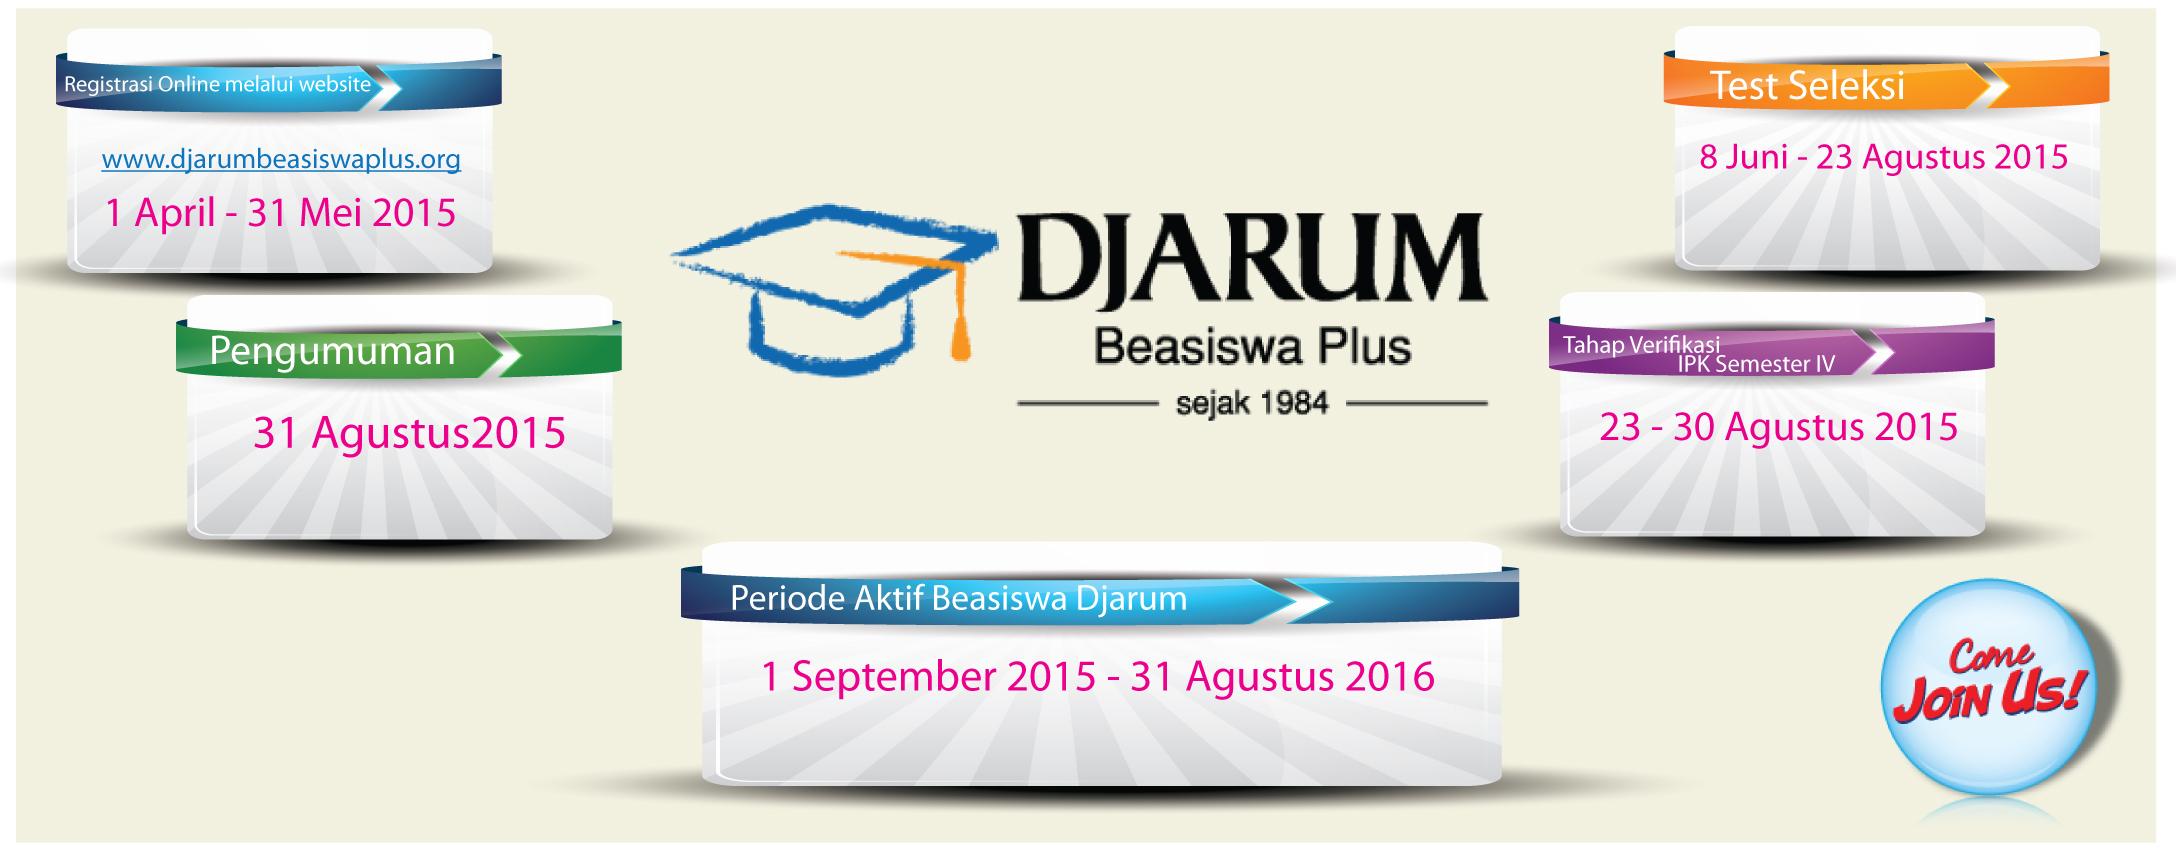 Beasiswa-Djarum2015-UNAS